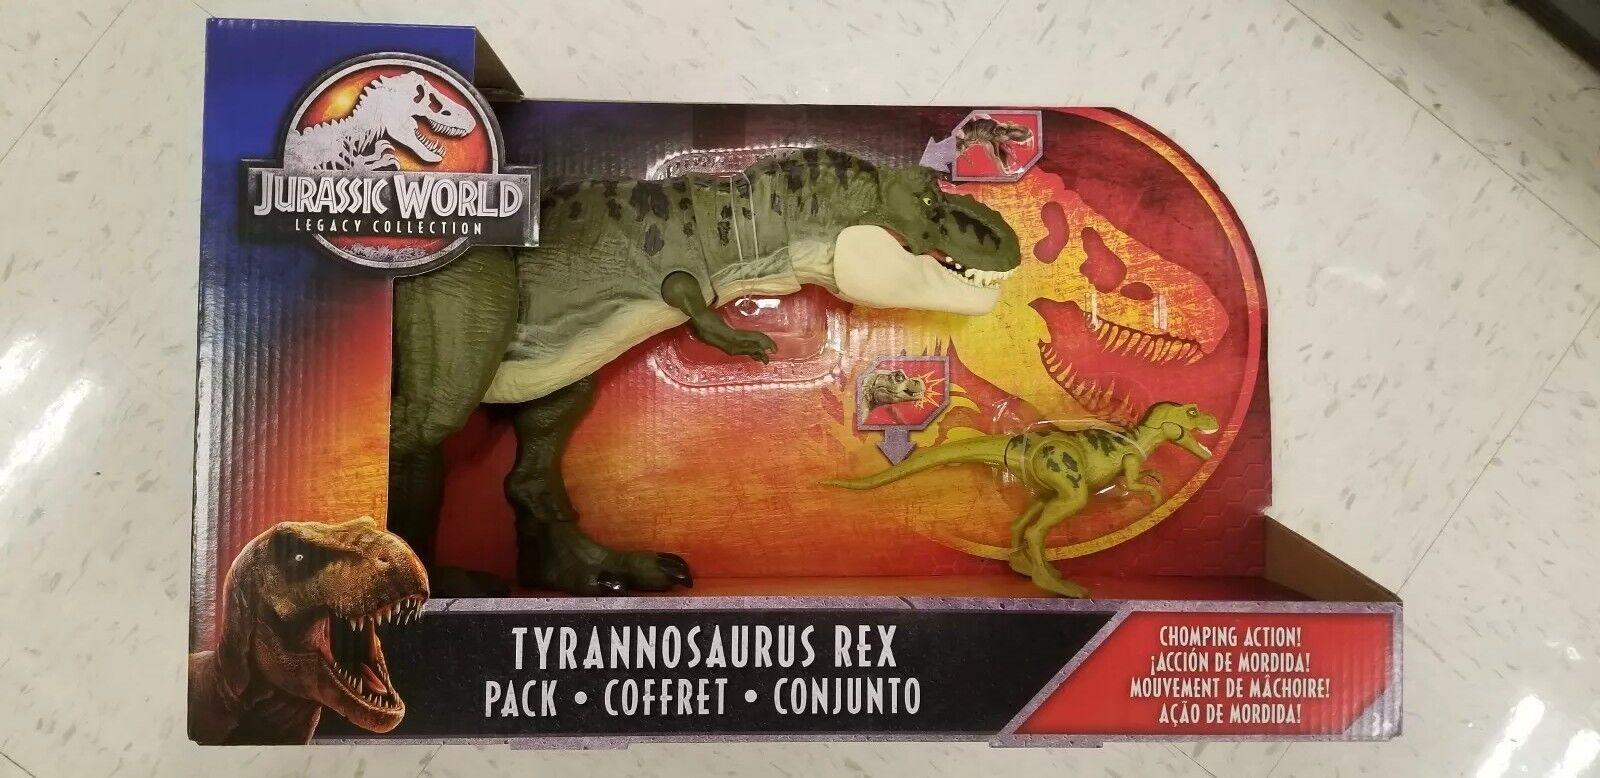 welt  grüner tyrannosaurus rex ein t - rex - variante.